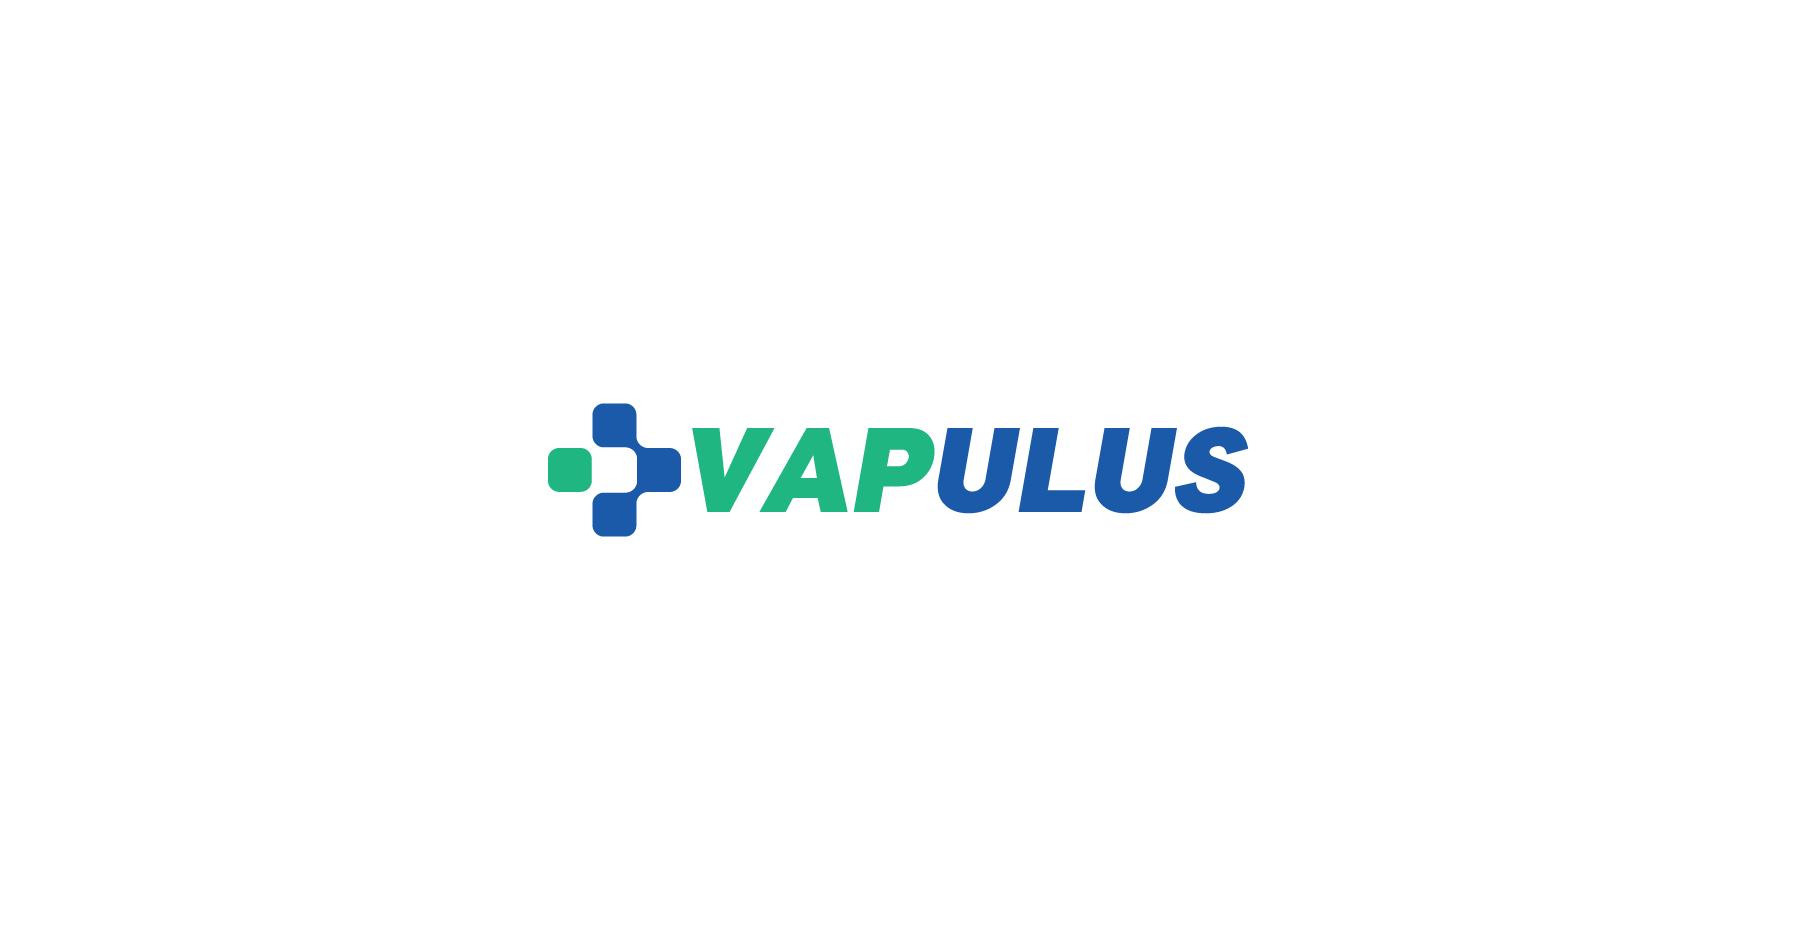 فابيلس (Vapulus)